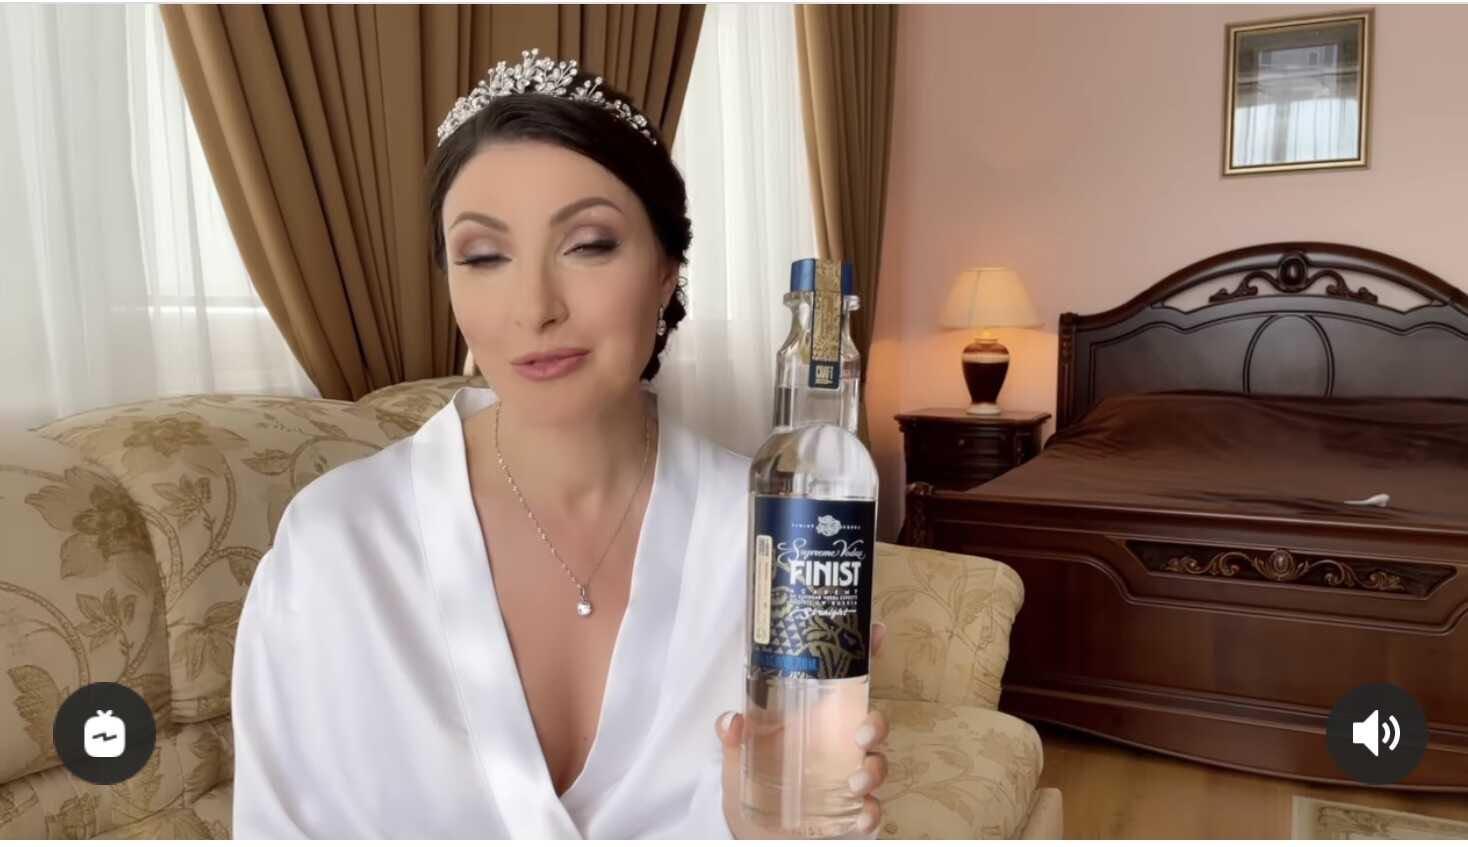 «На любые деньги готова, ради строителя»: Анастасия Макеева в свадебном платье покоробила подписчиков неуместной рекламой